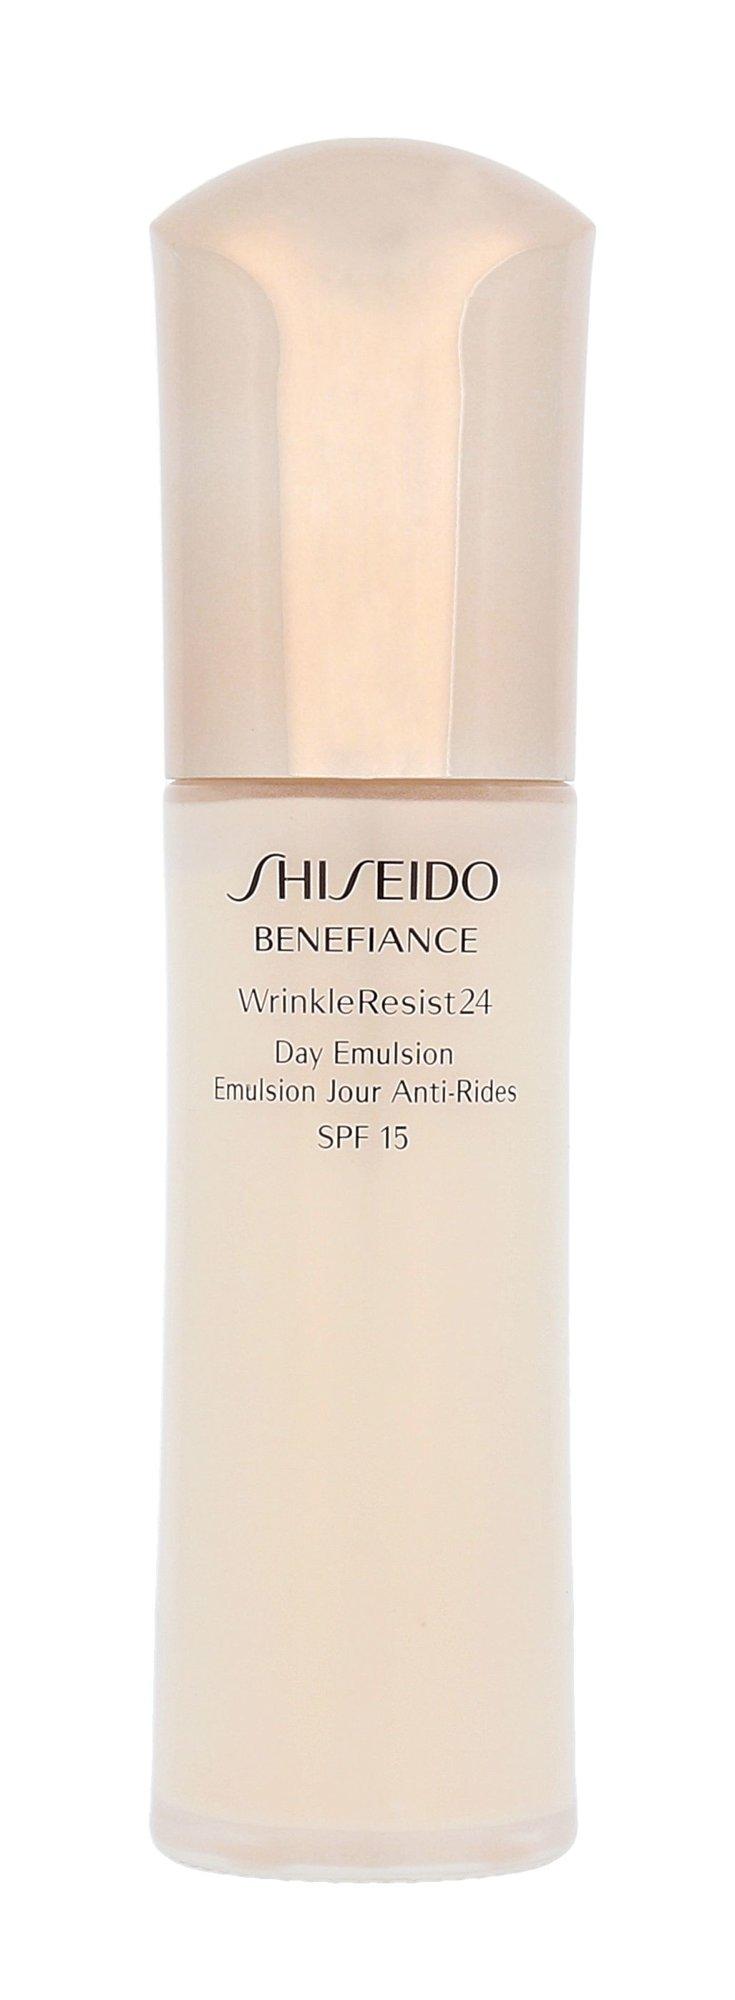 Shiseido Benefiance Wrinkle Resist 24 Cosmetic 75ml